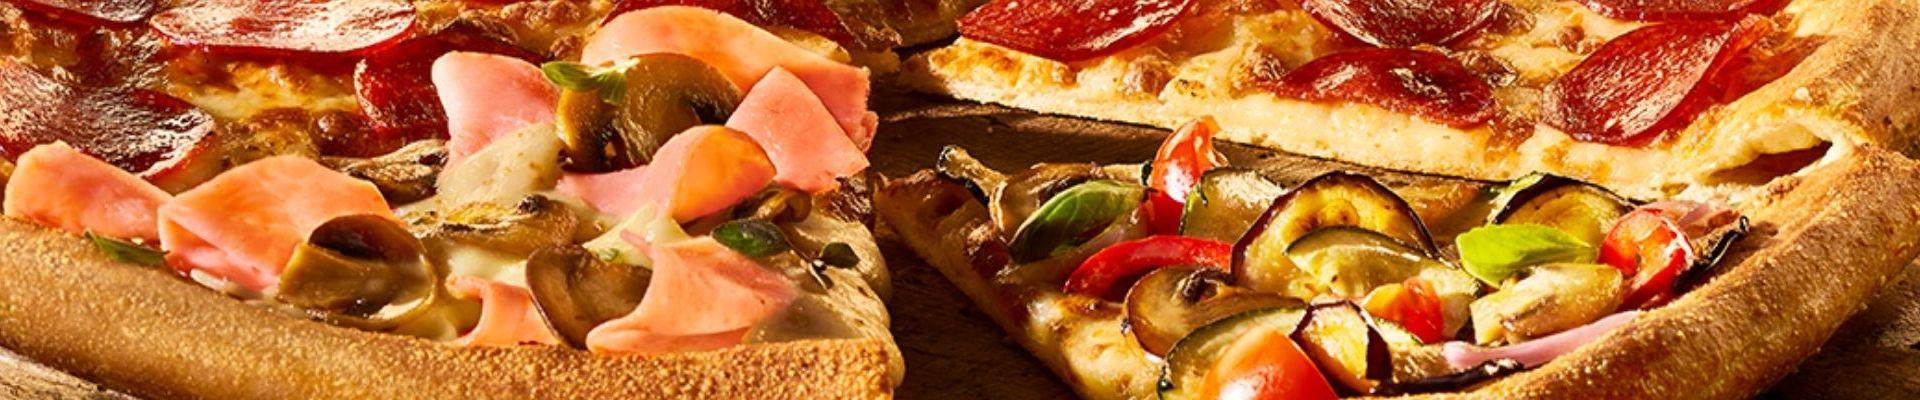 Los mejores restaurantes de pizza a domicilio en Madrid Centro